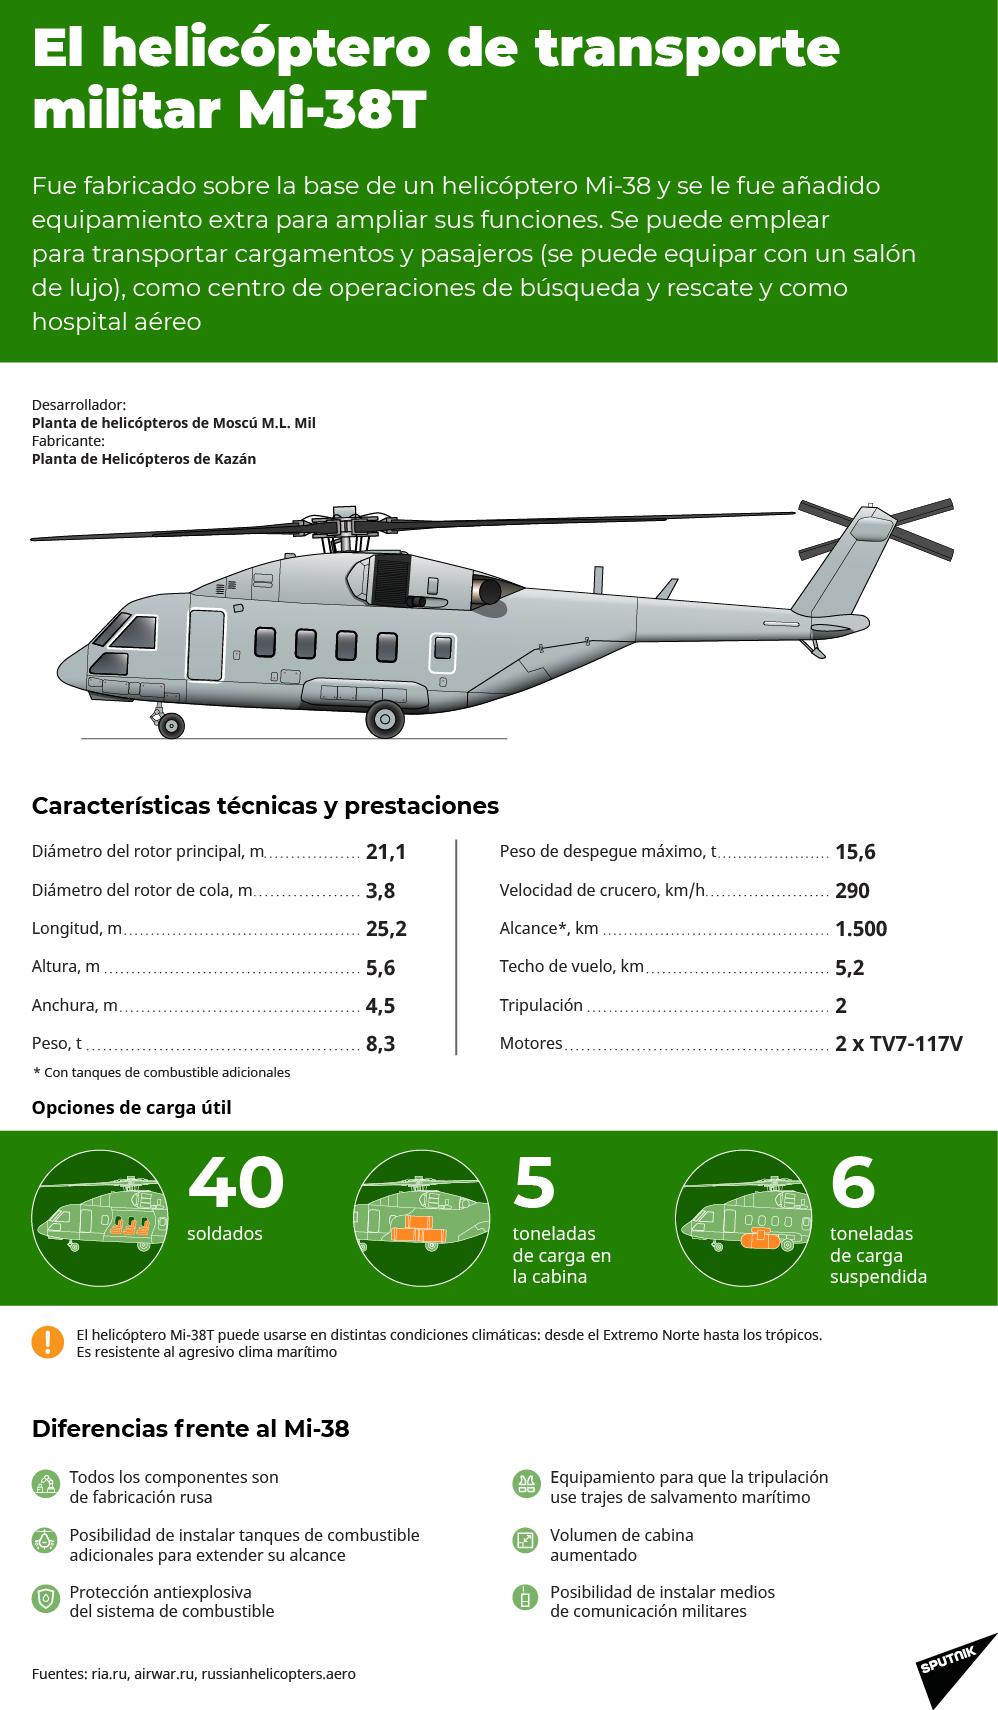 El Mi-38T, la novedosa versión militar del helicóptero polivalente ruso - Sputnik Mundo